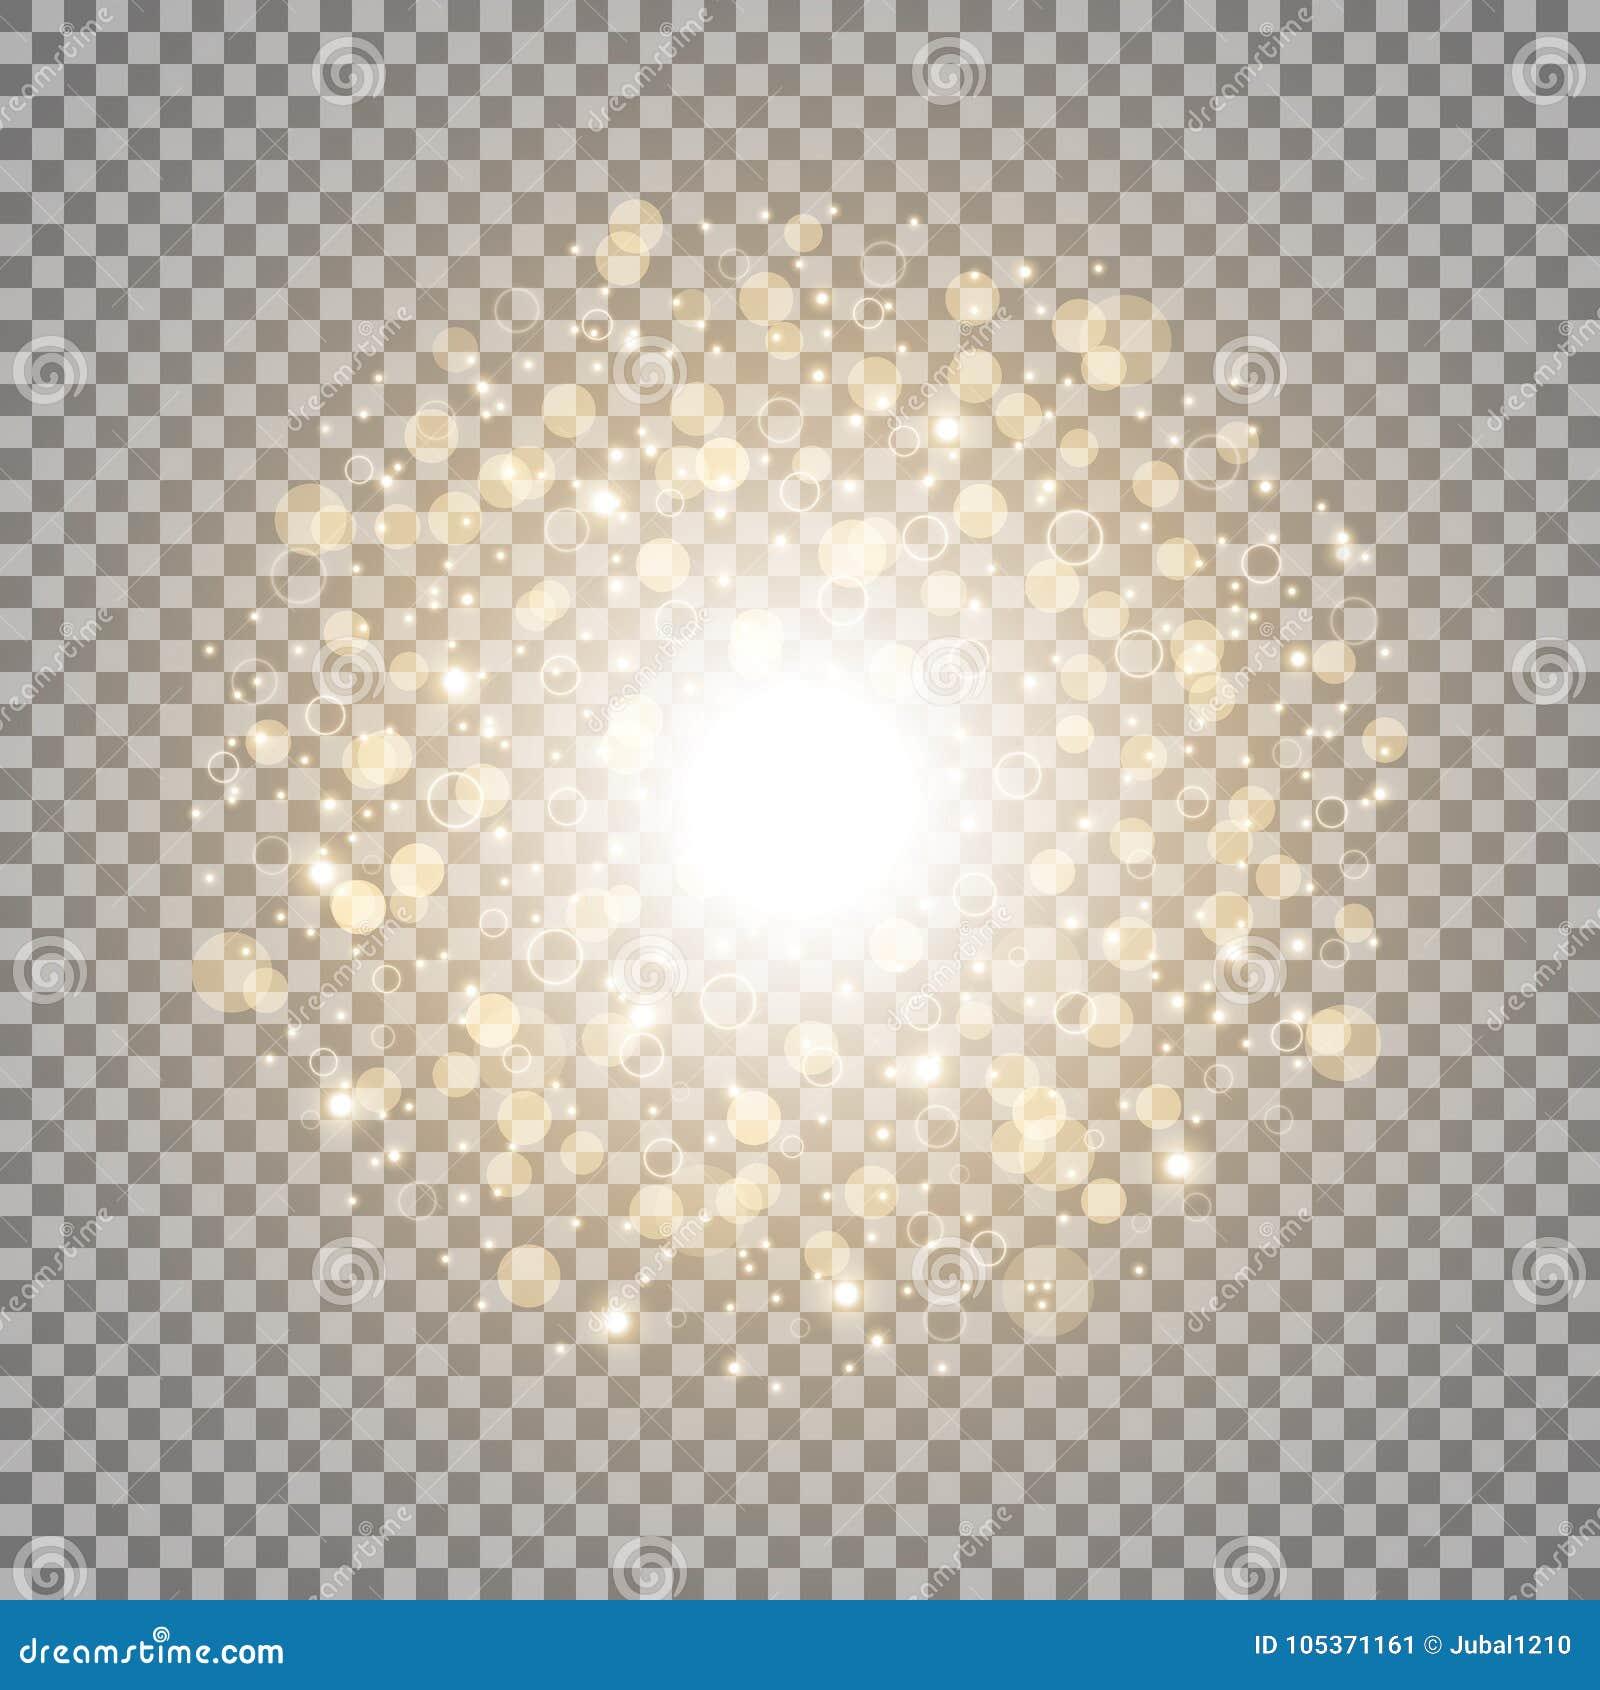 Lekki okrąg z dosts i iskrami, złoty kolor